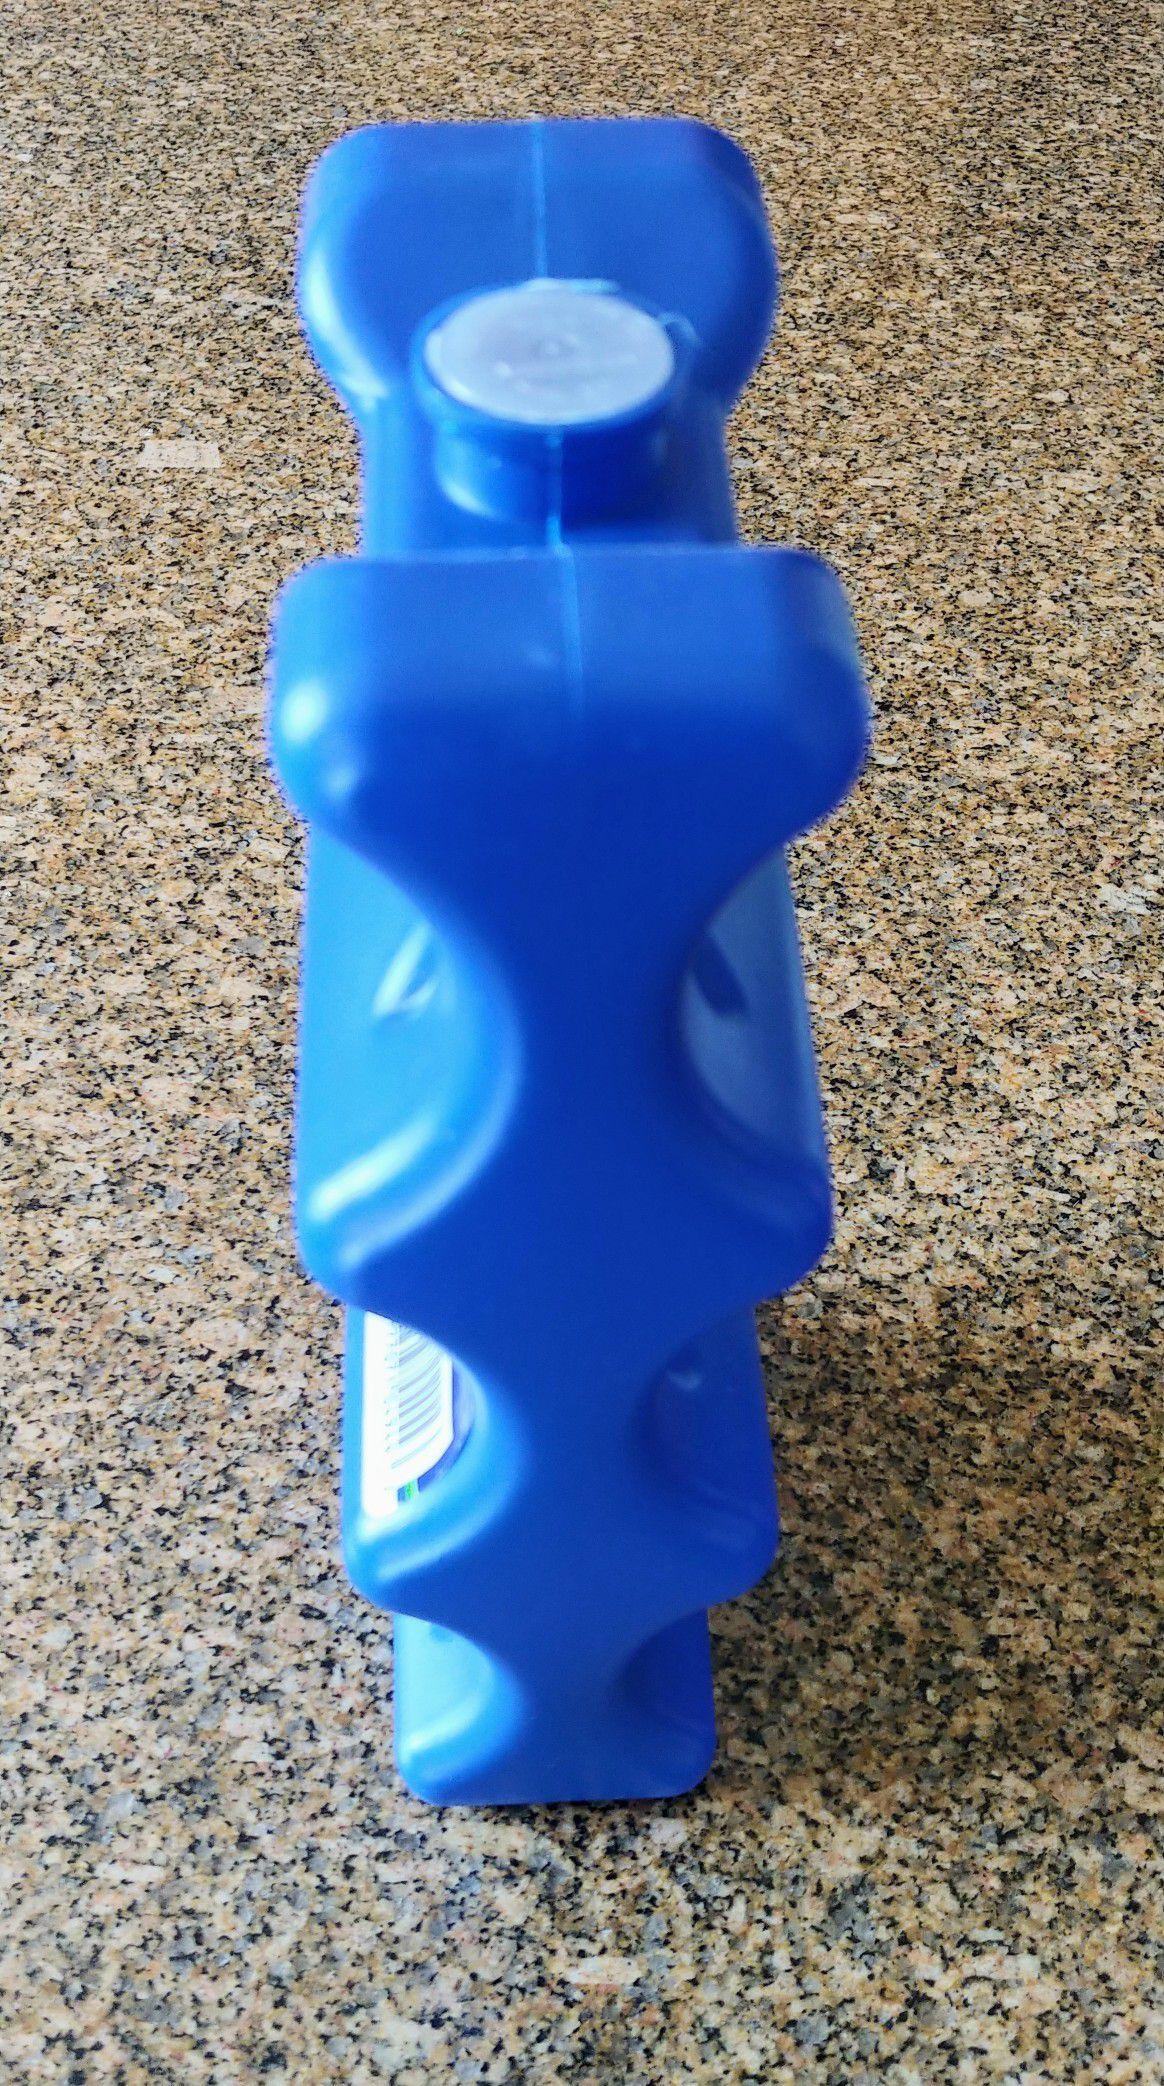 Lifoam Freez Pak Reusable 6pack Coolant New